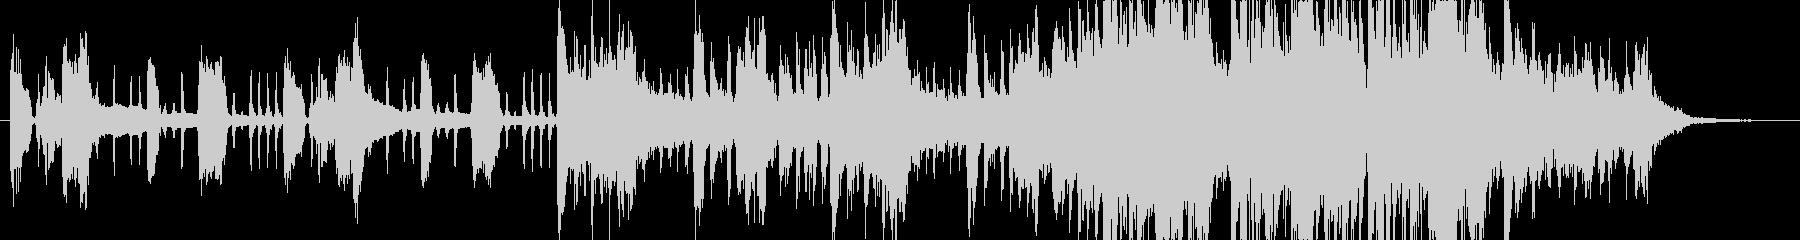 ジングル - おしゃれエレクトロの未再生の波形